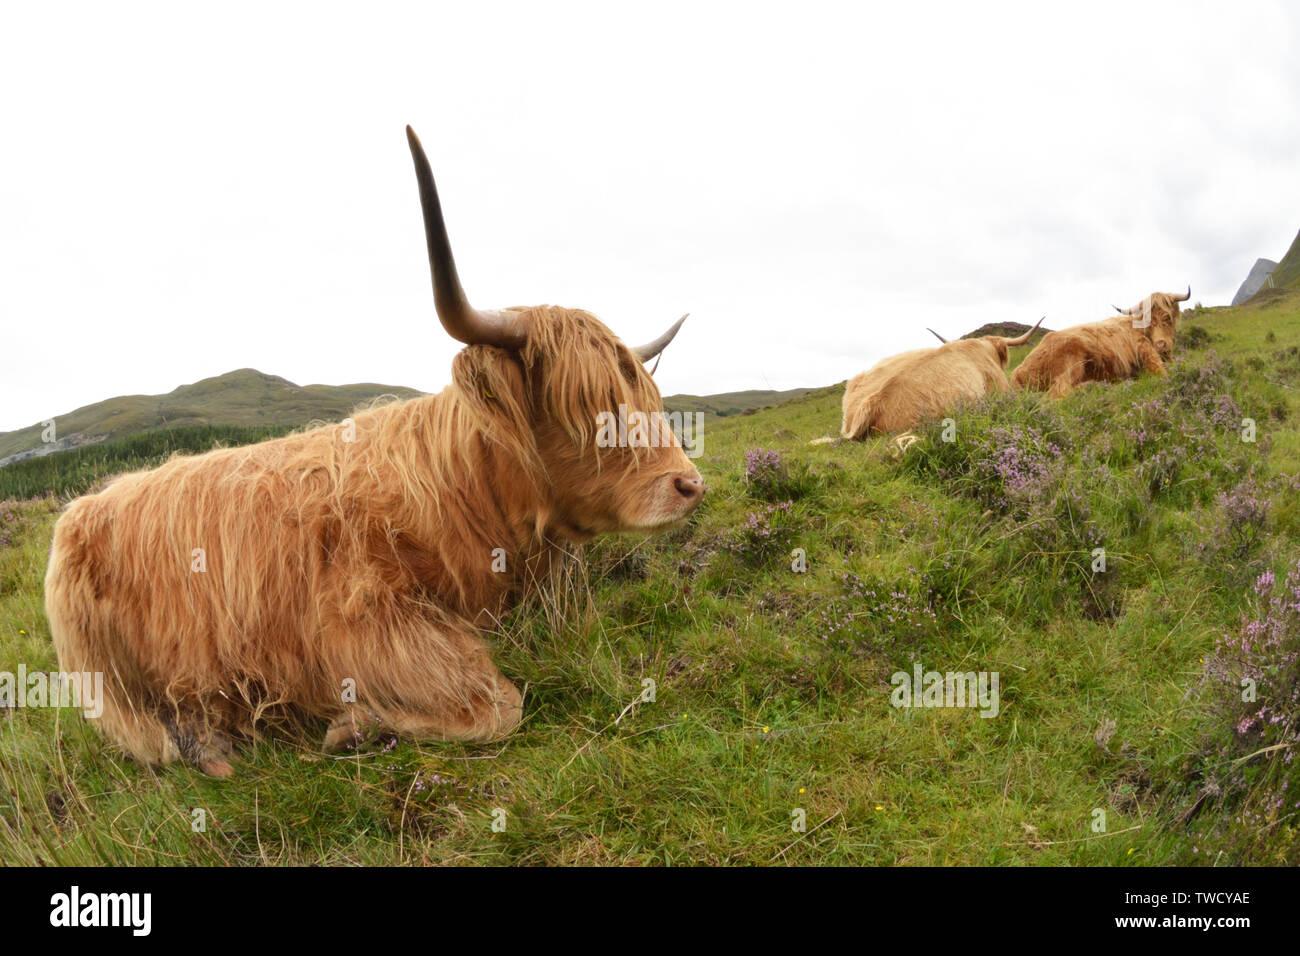 Isle of Skye, Scotland - Stock Image